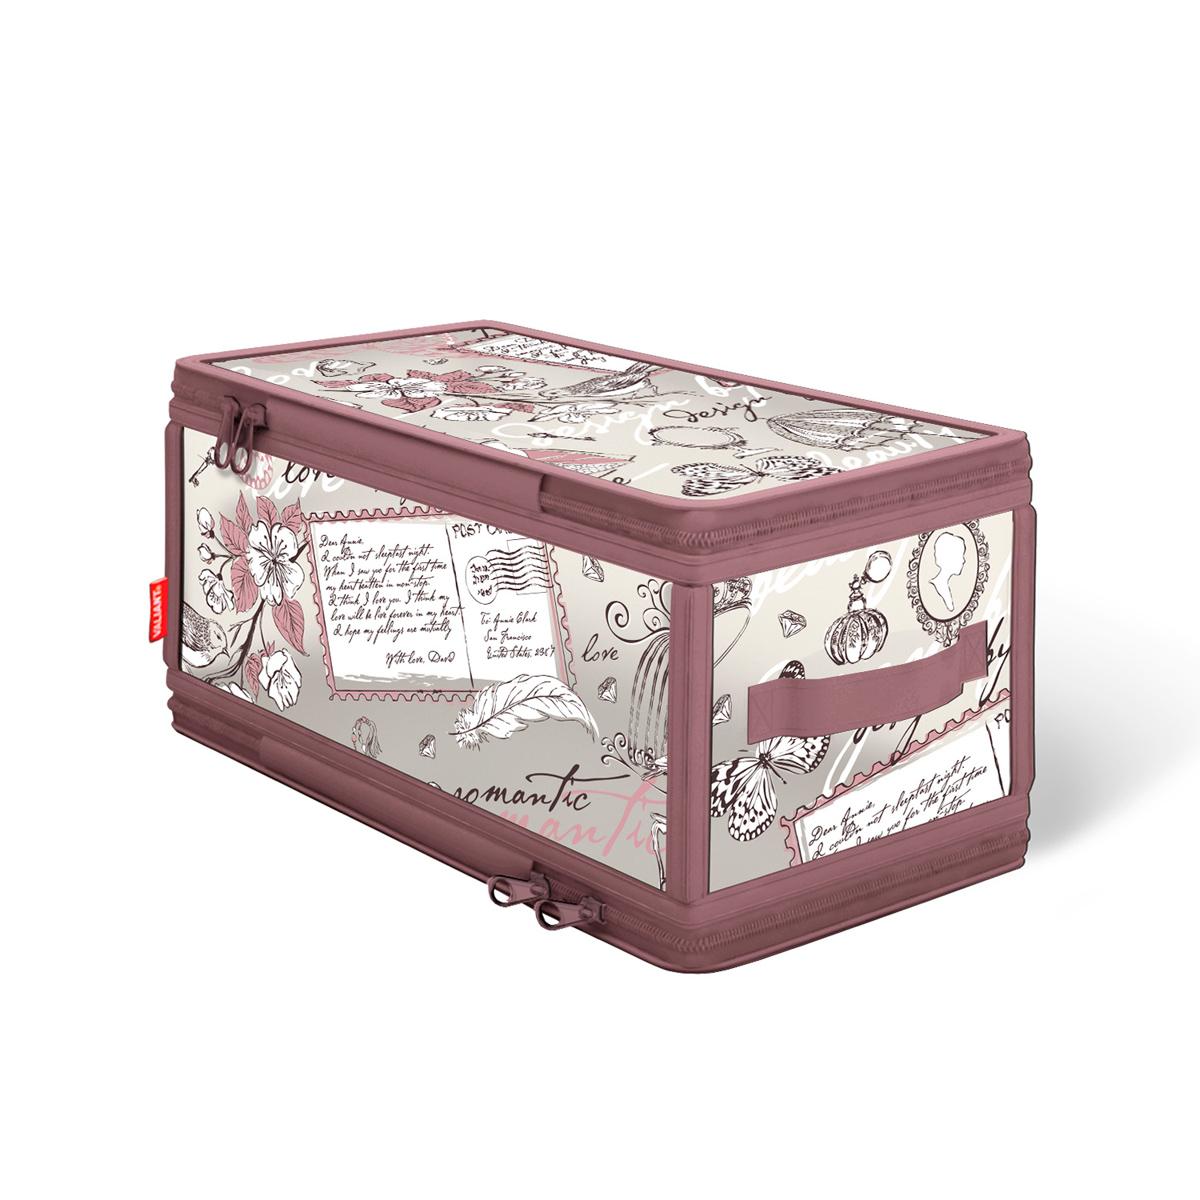 Кофр для хранения Valiant Romantic, с застежкой-молнией, 30 х 15 х 15 см omnilux бра omnilux padru oml 53301 01